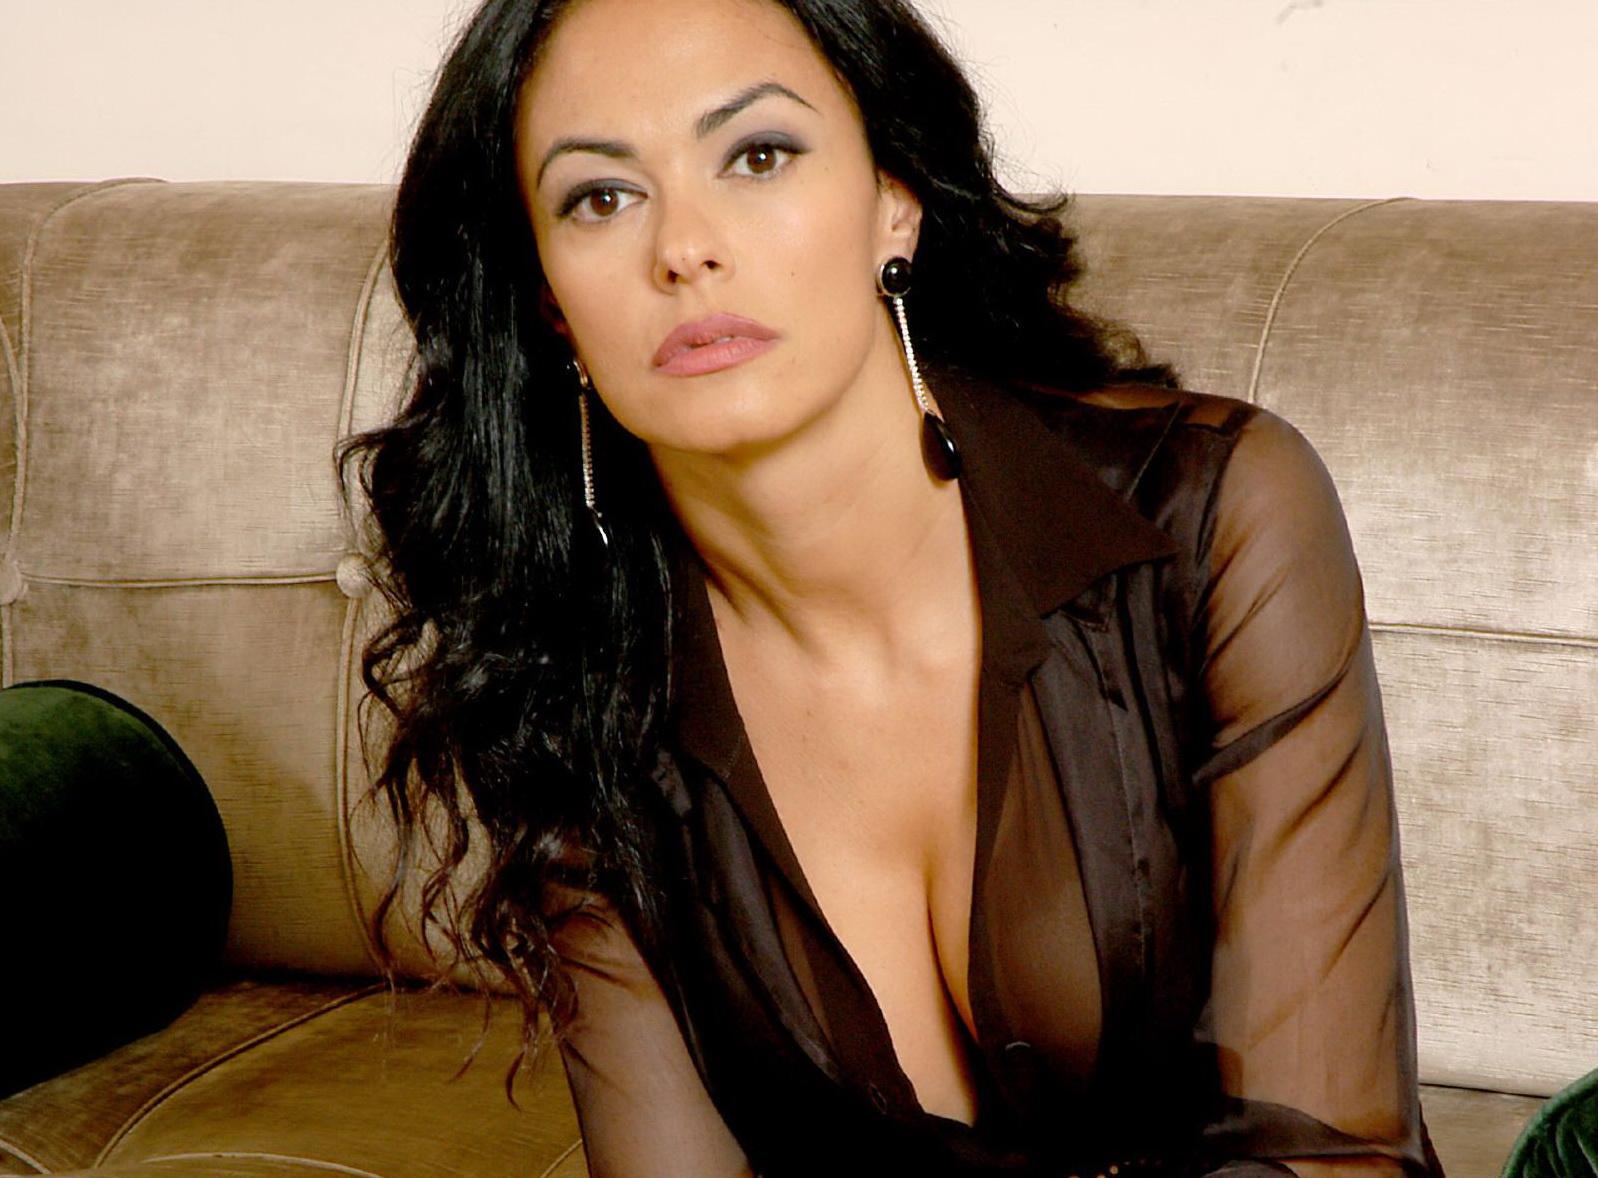 Debora Caprioglio (born 1968) nudes (68 fotos) Paparazzi, 2019, cameltoe